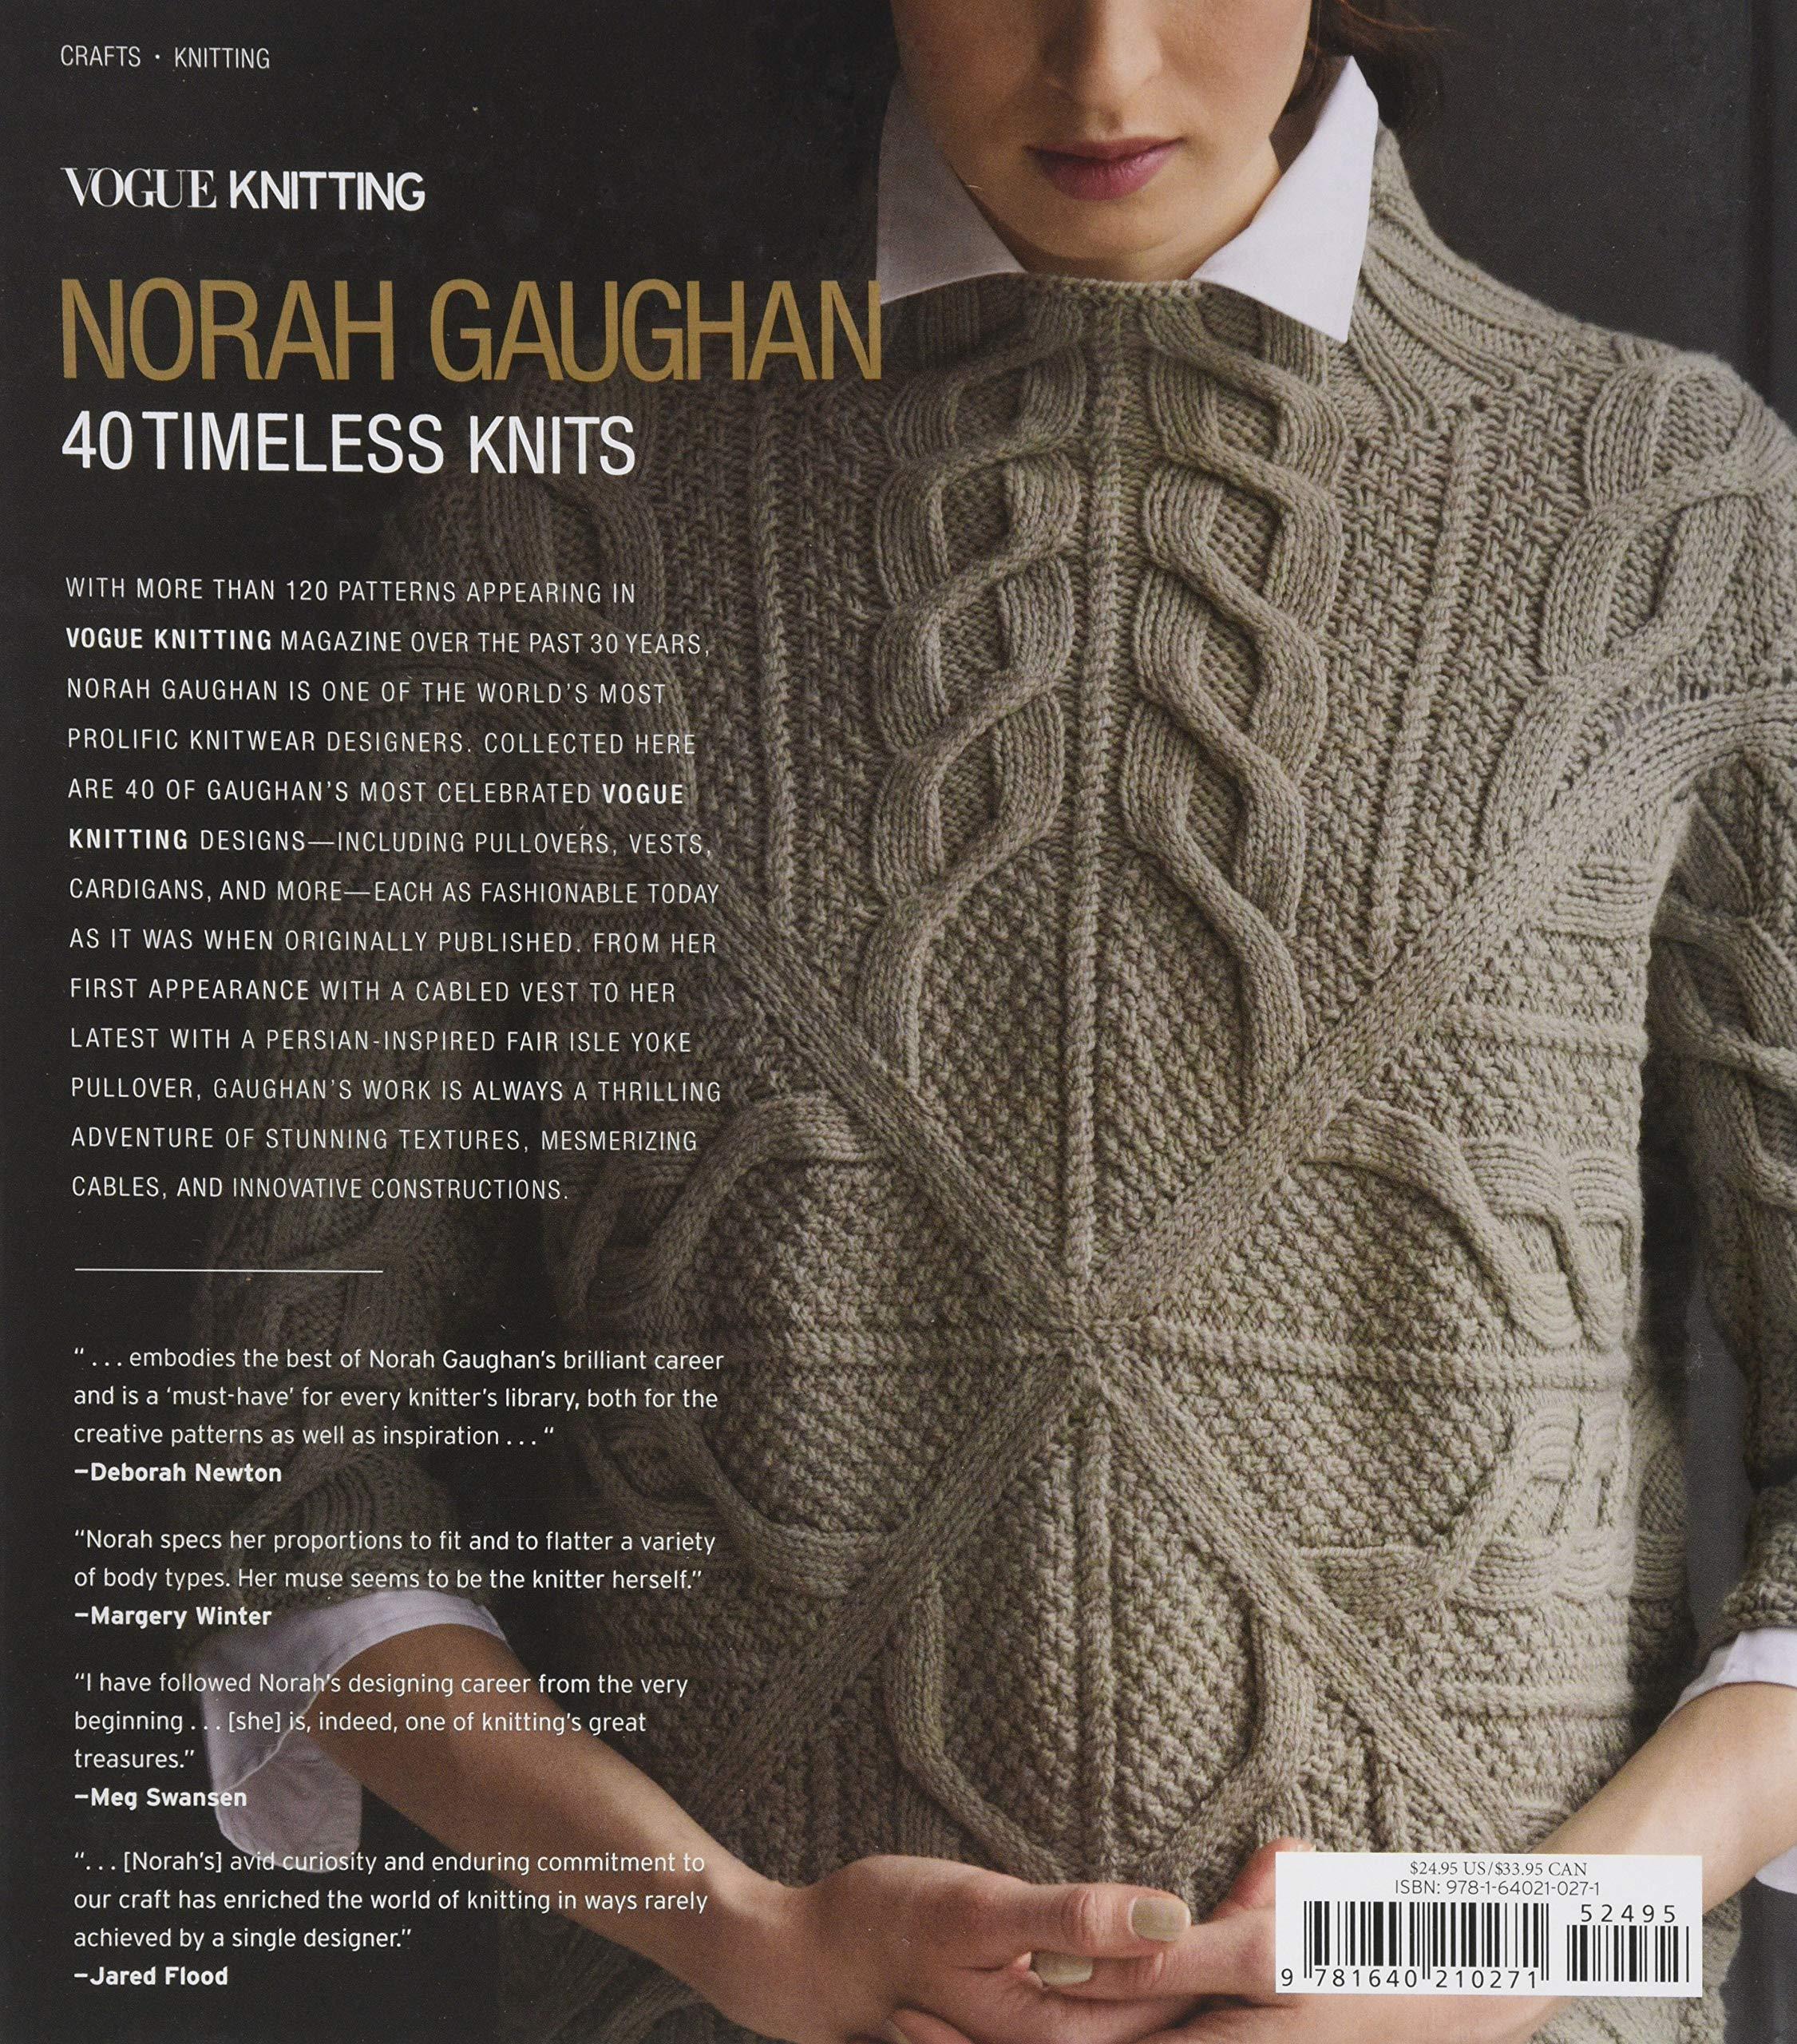 Vogue® Knitting: Norah Gaughan: 40 Timeless Knits: Vogue Knitting